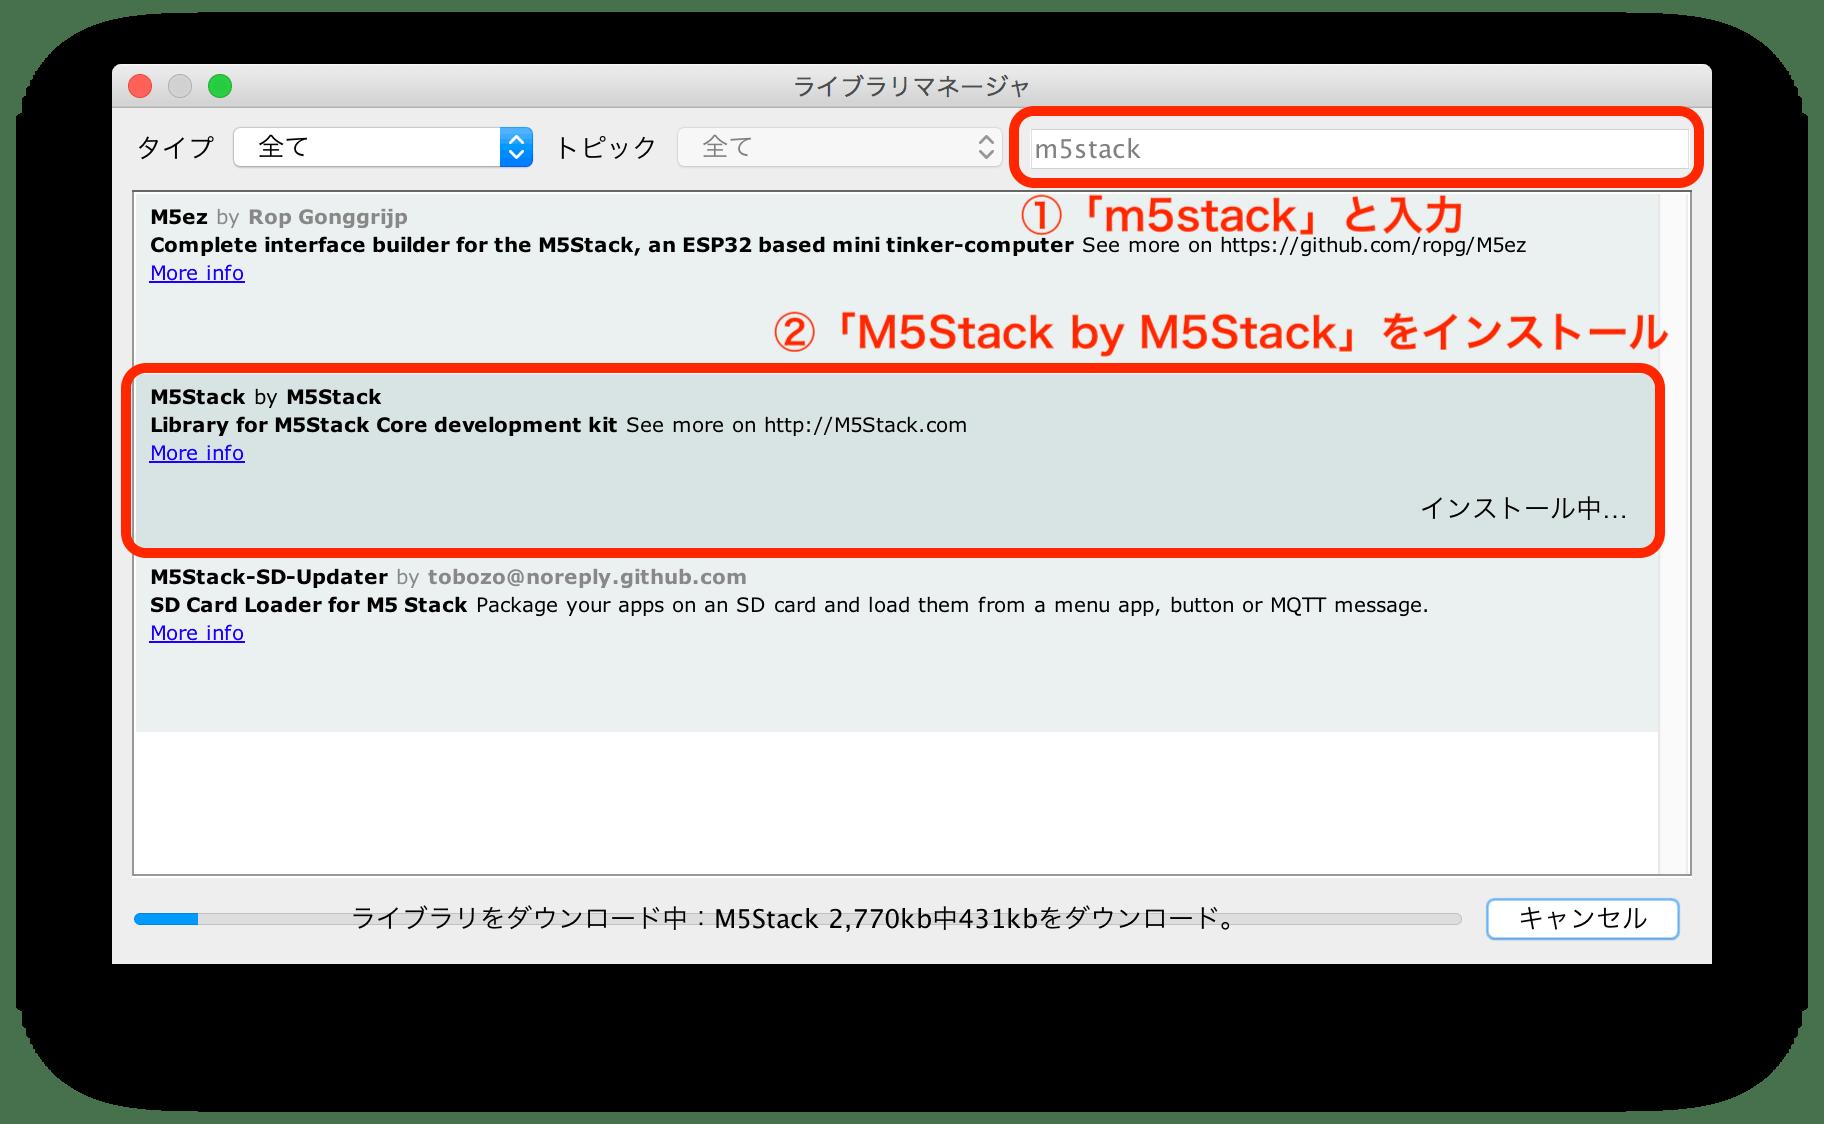 スクリーンショット 2018-08-04 18.05.57.png